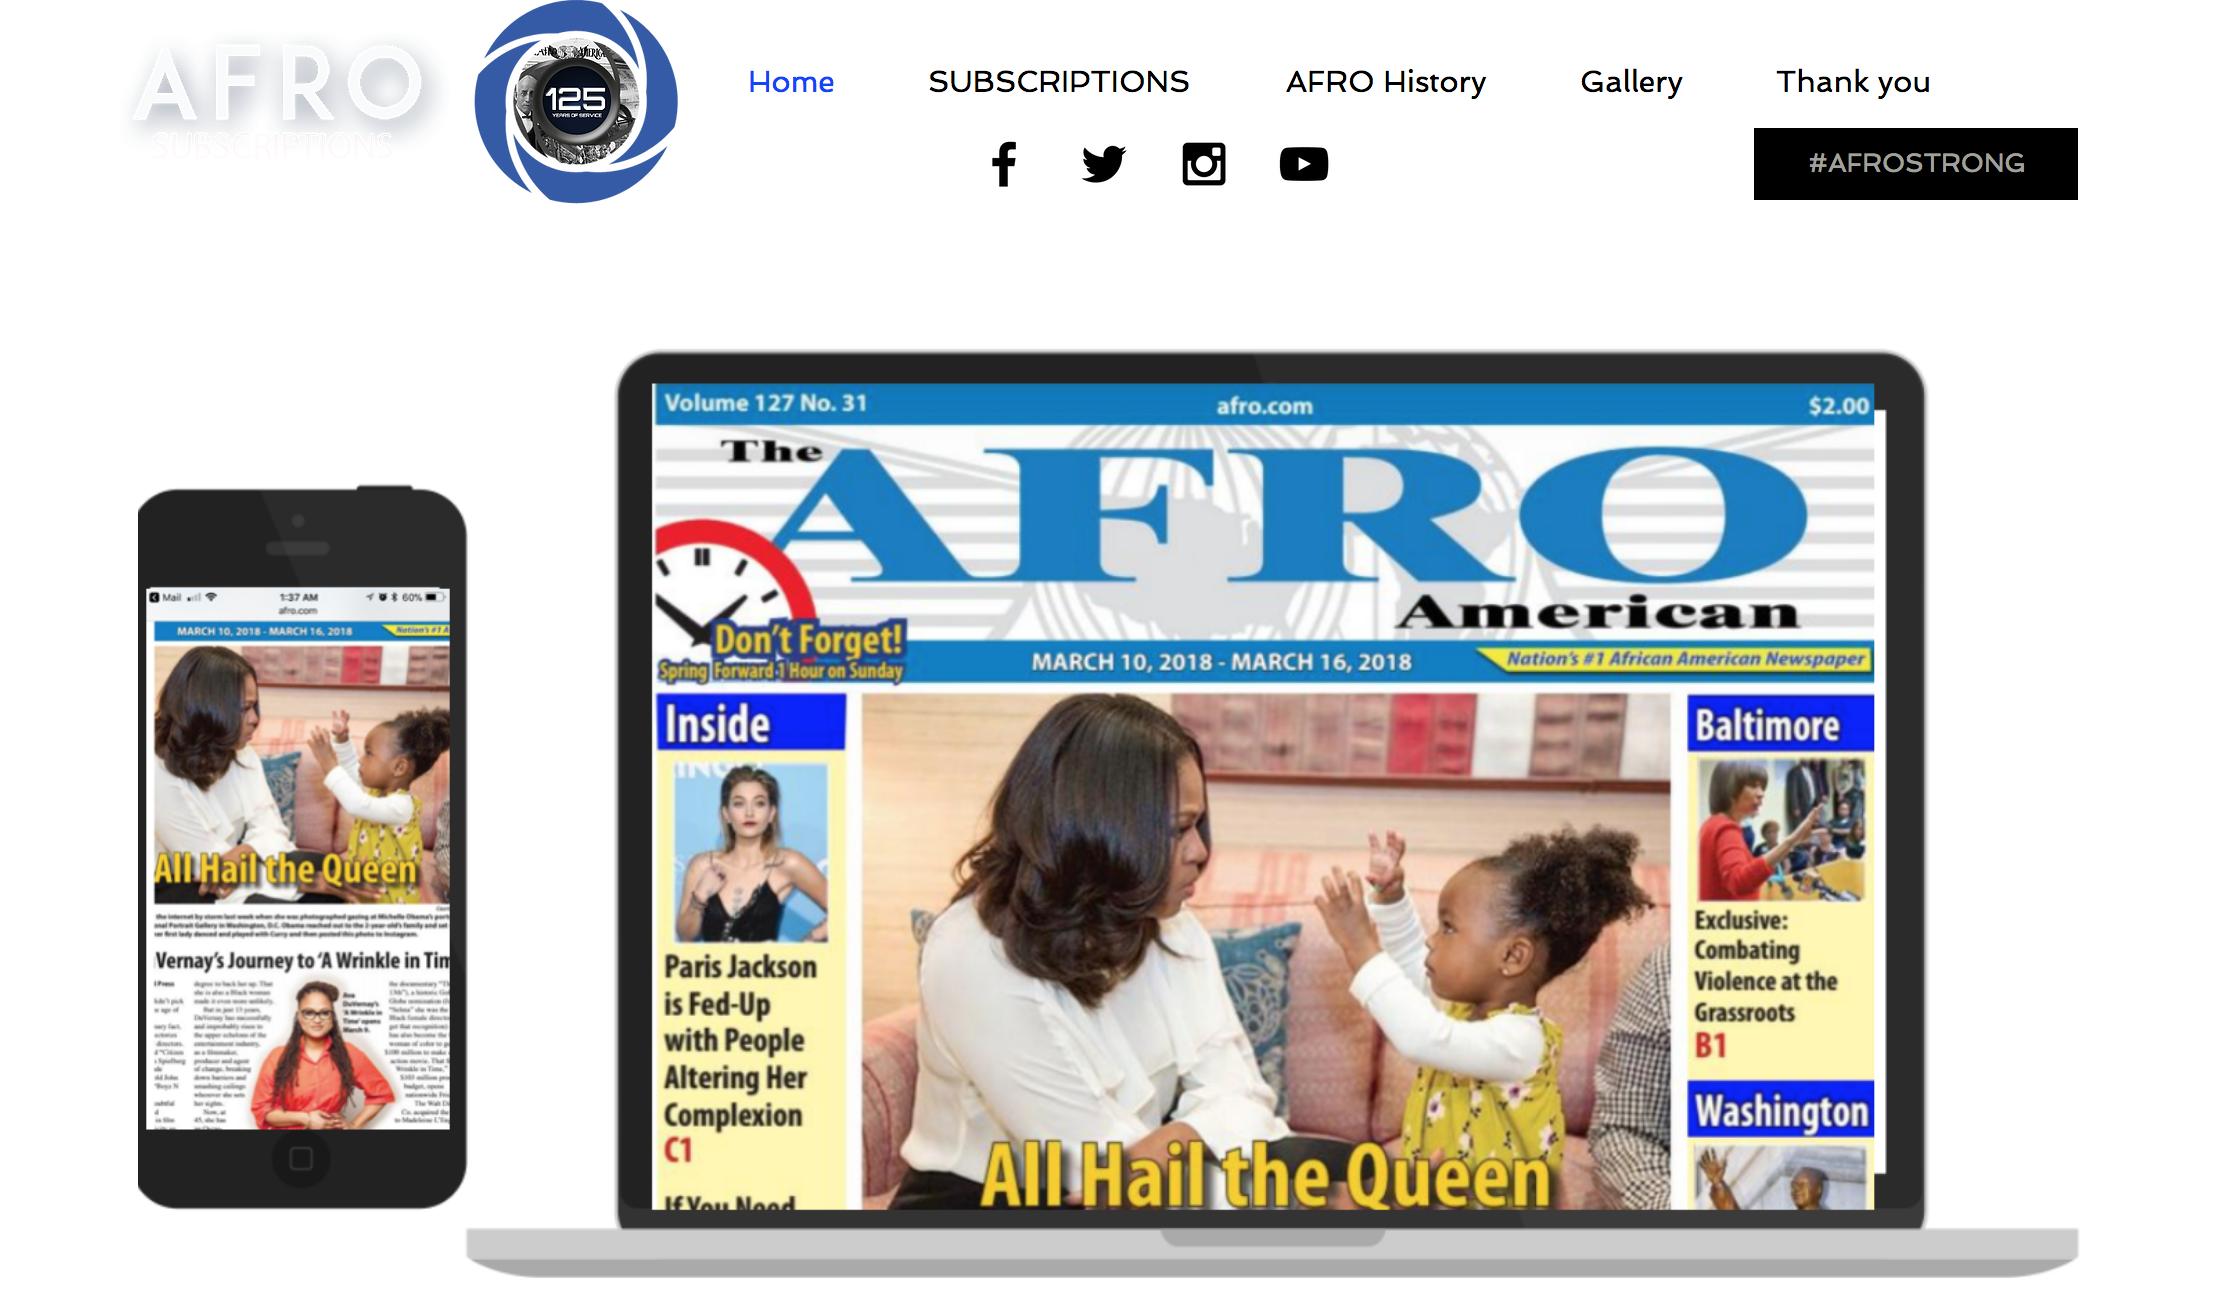 www.afrosub.com